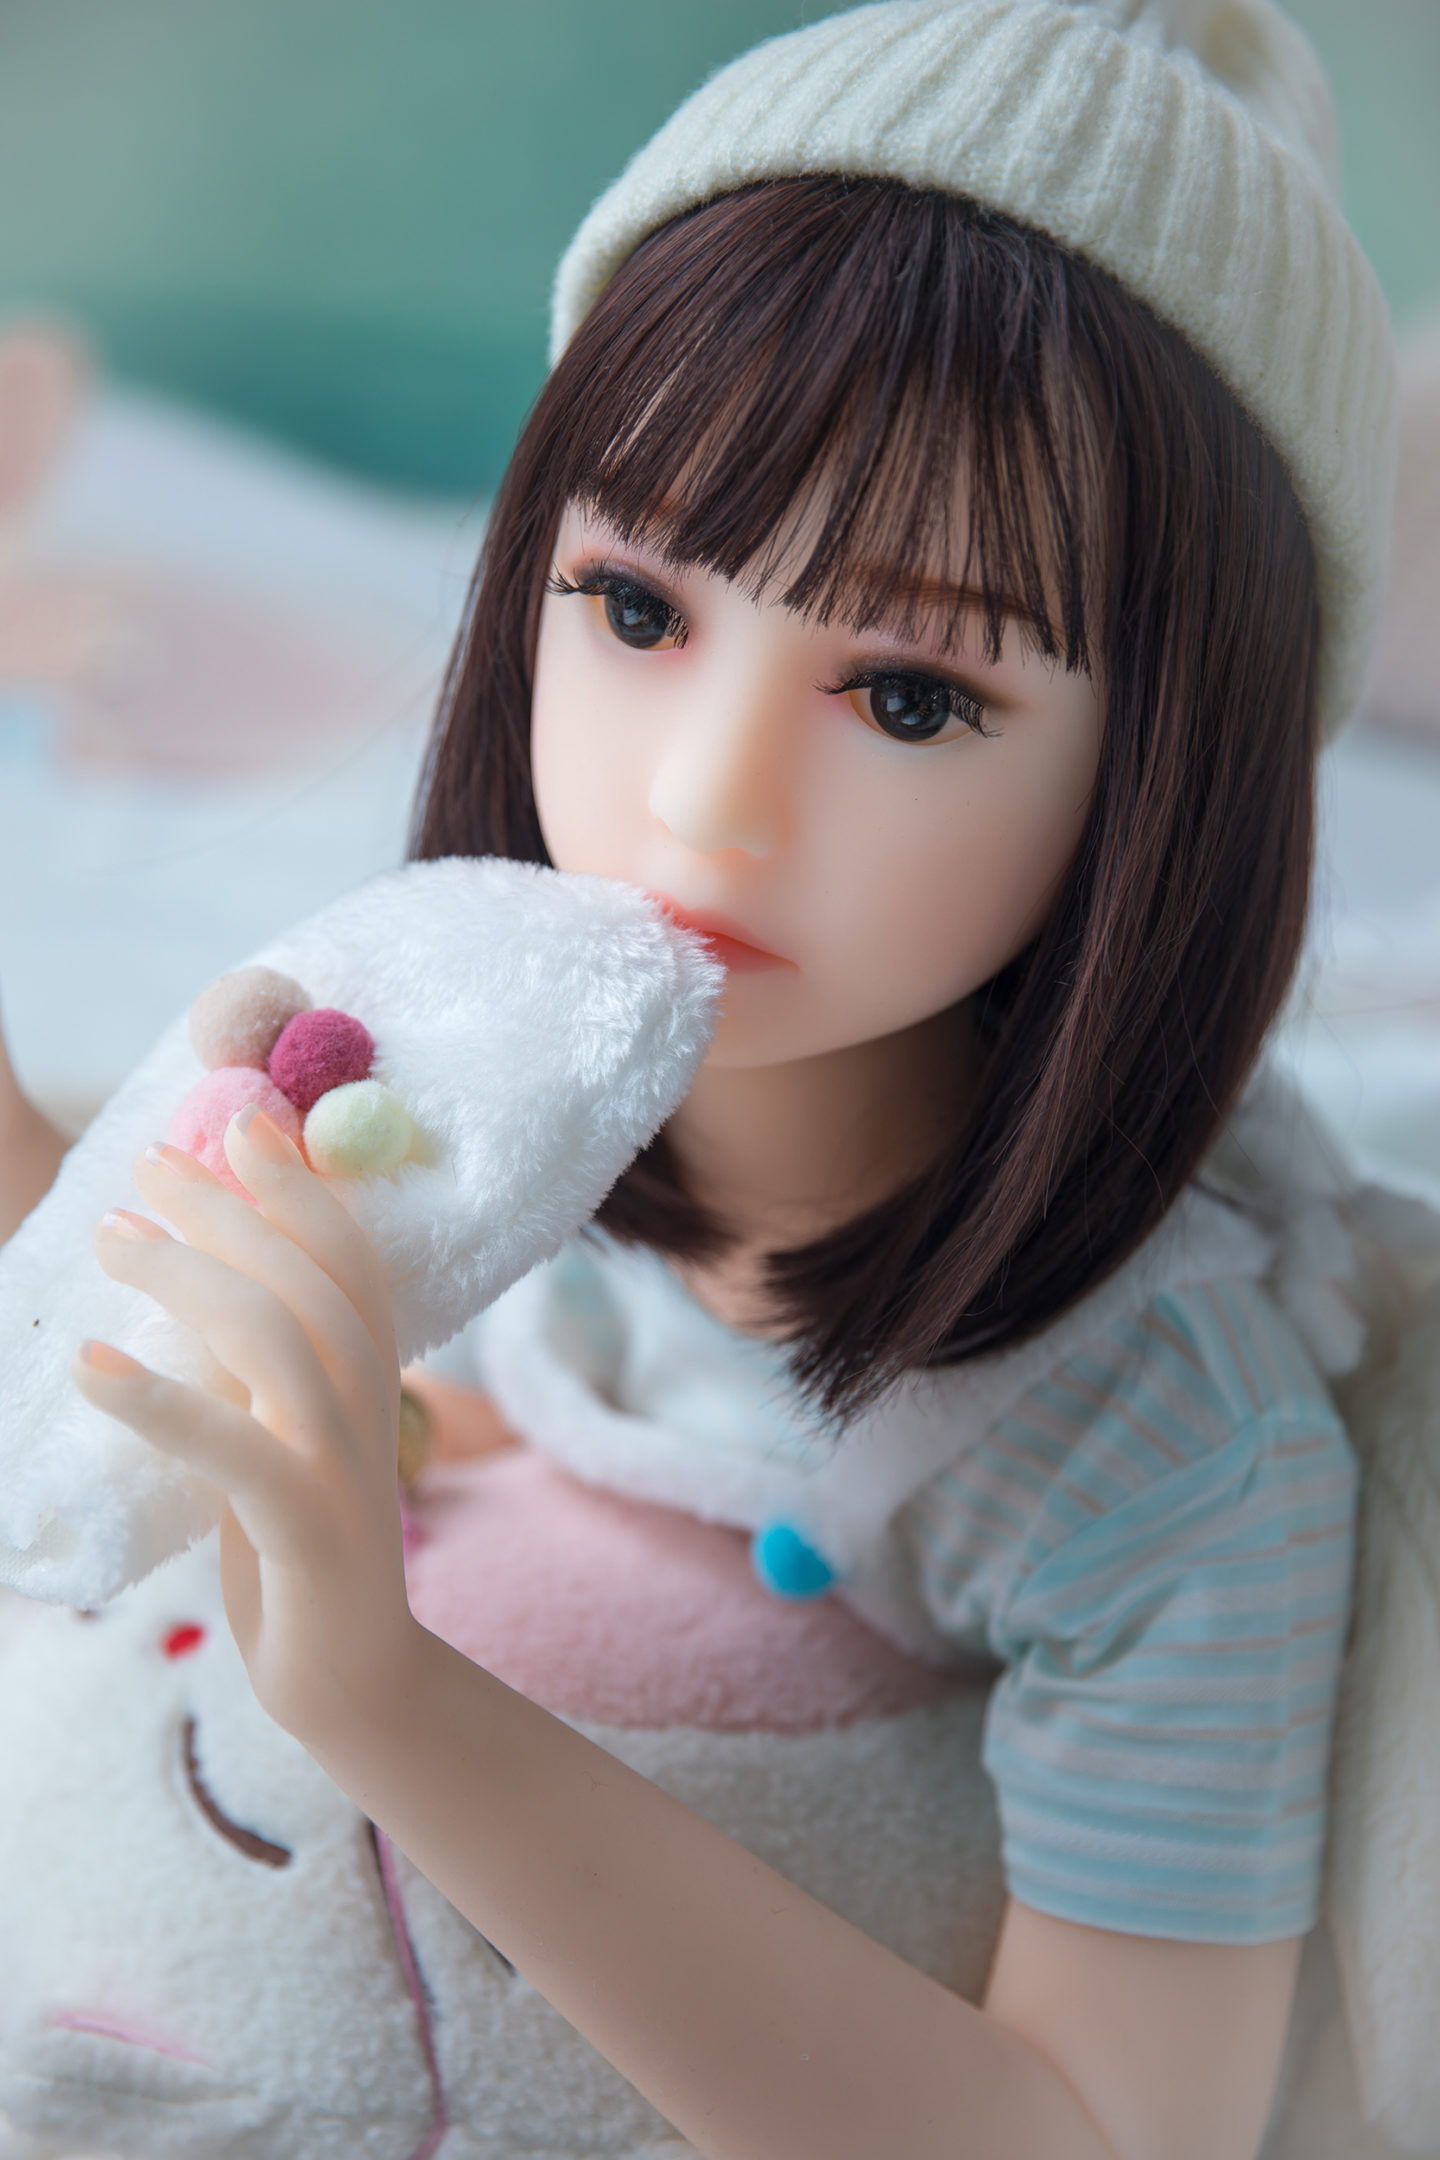 Zola - Cutie Doll 3' 3 (100cm) Cup A